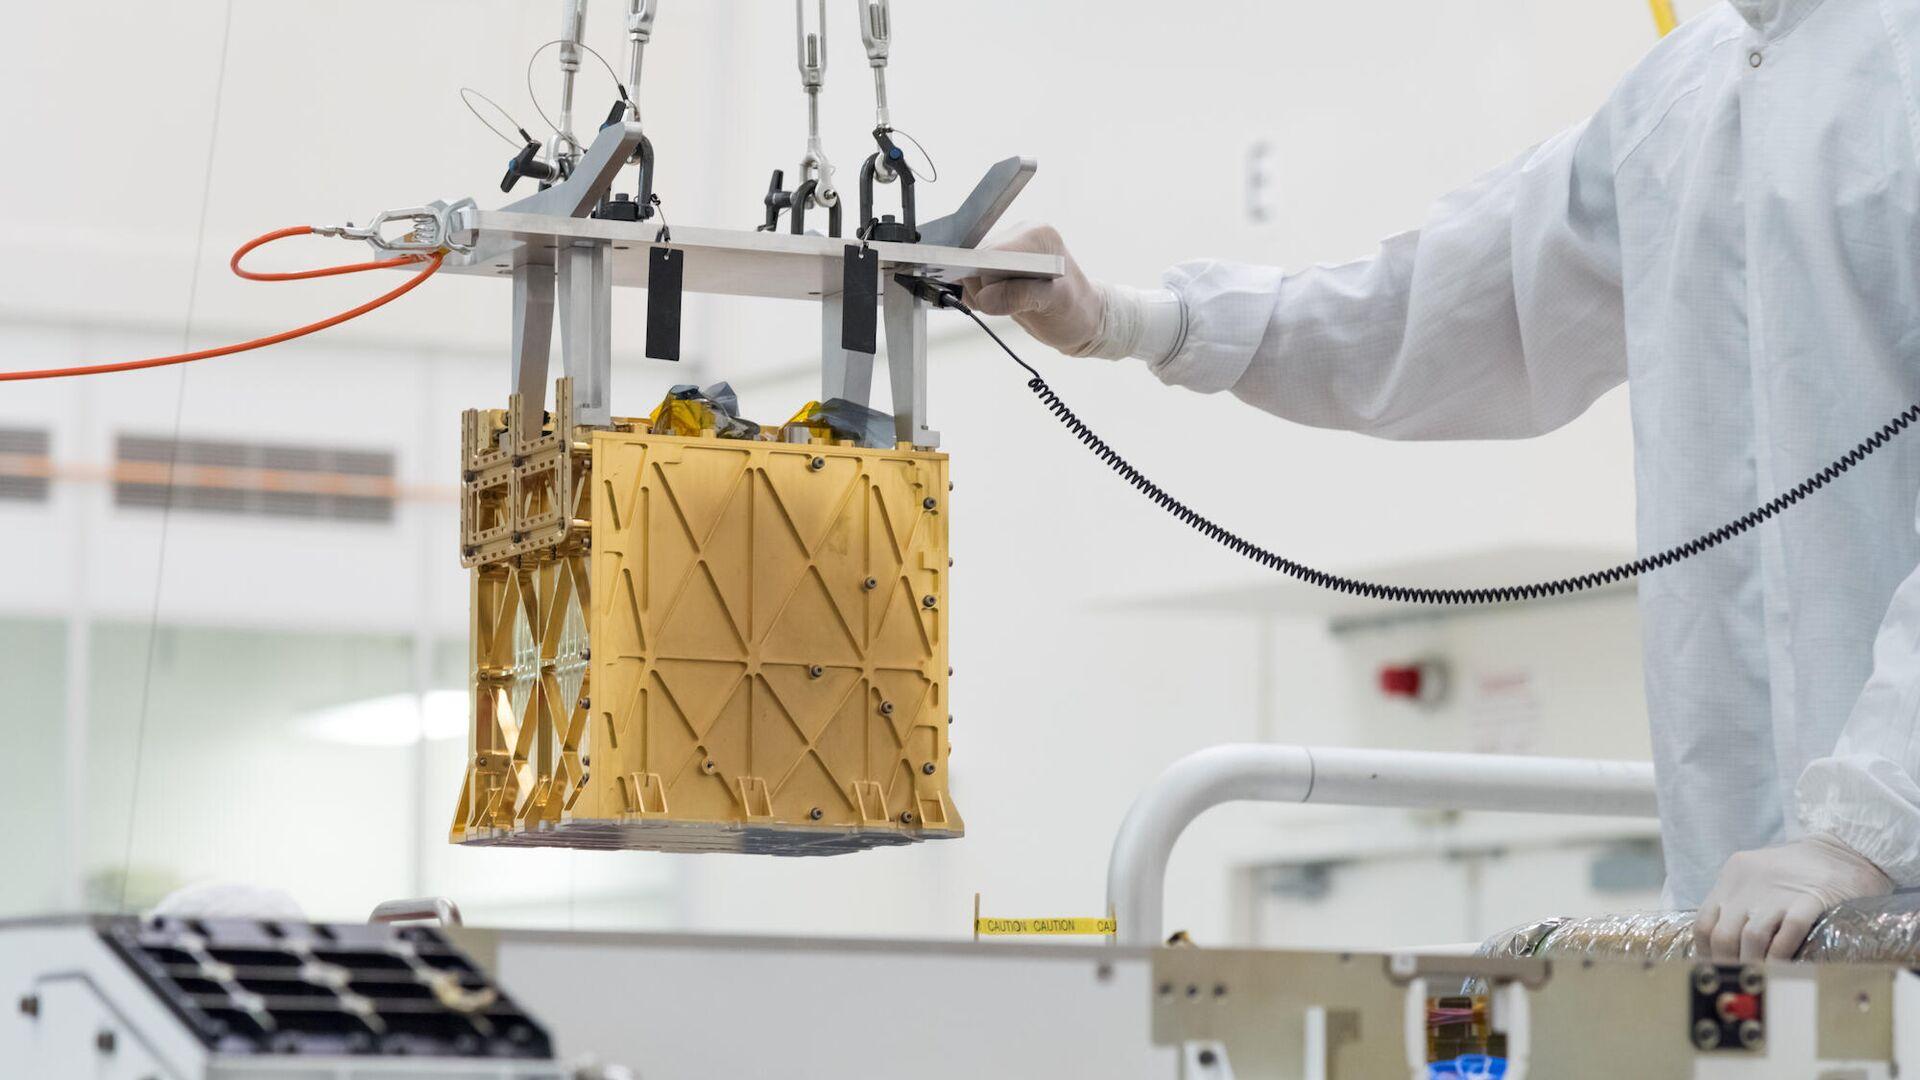 El Experimento de utilización de recursos in situ de oxígeno en Marte (MOXIE) - Sputnik Mundo, 1920, 22.04.2021